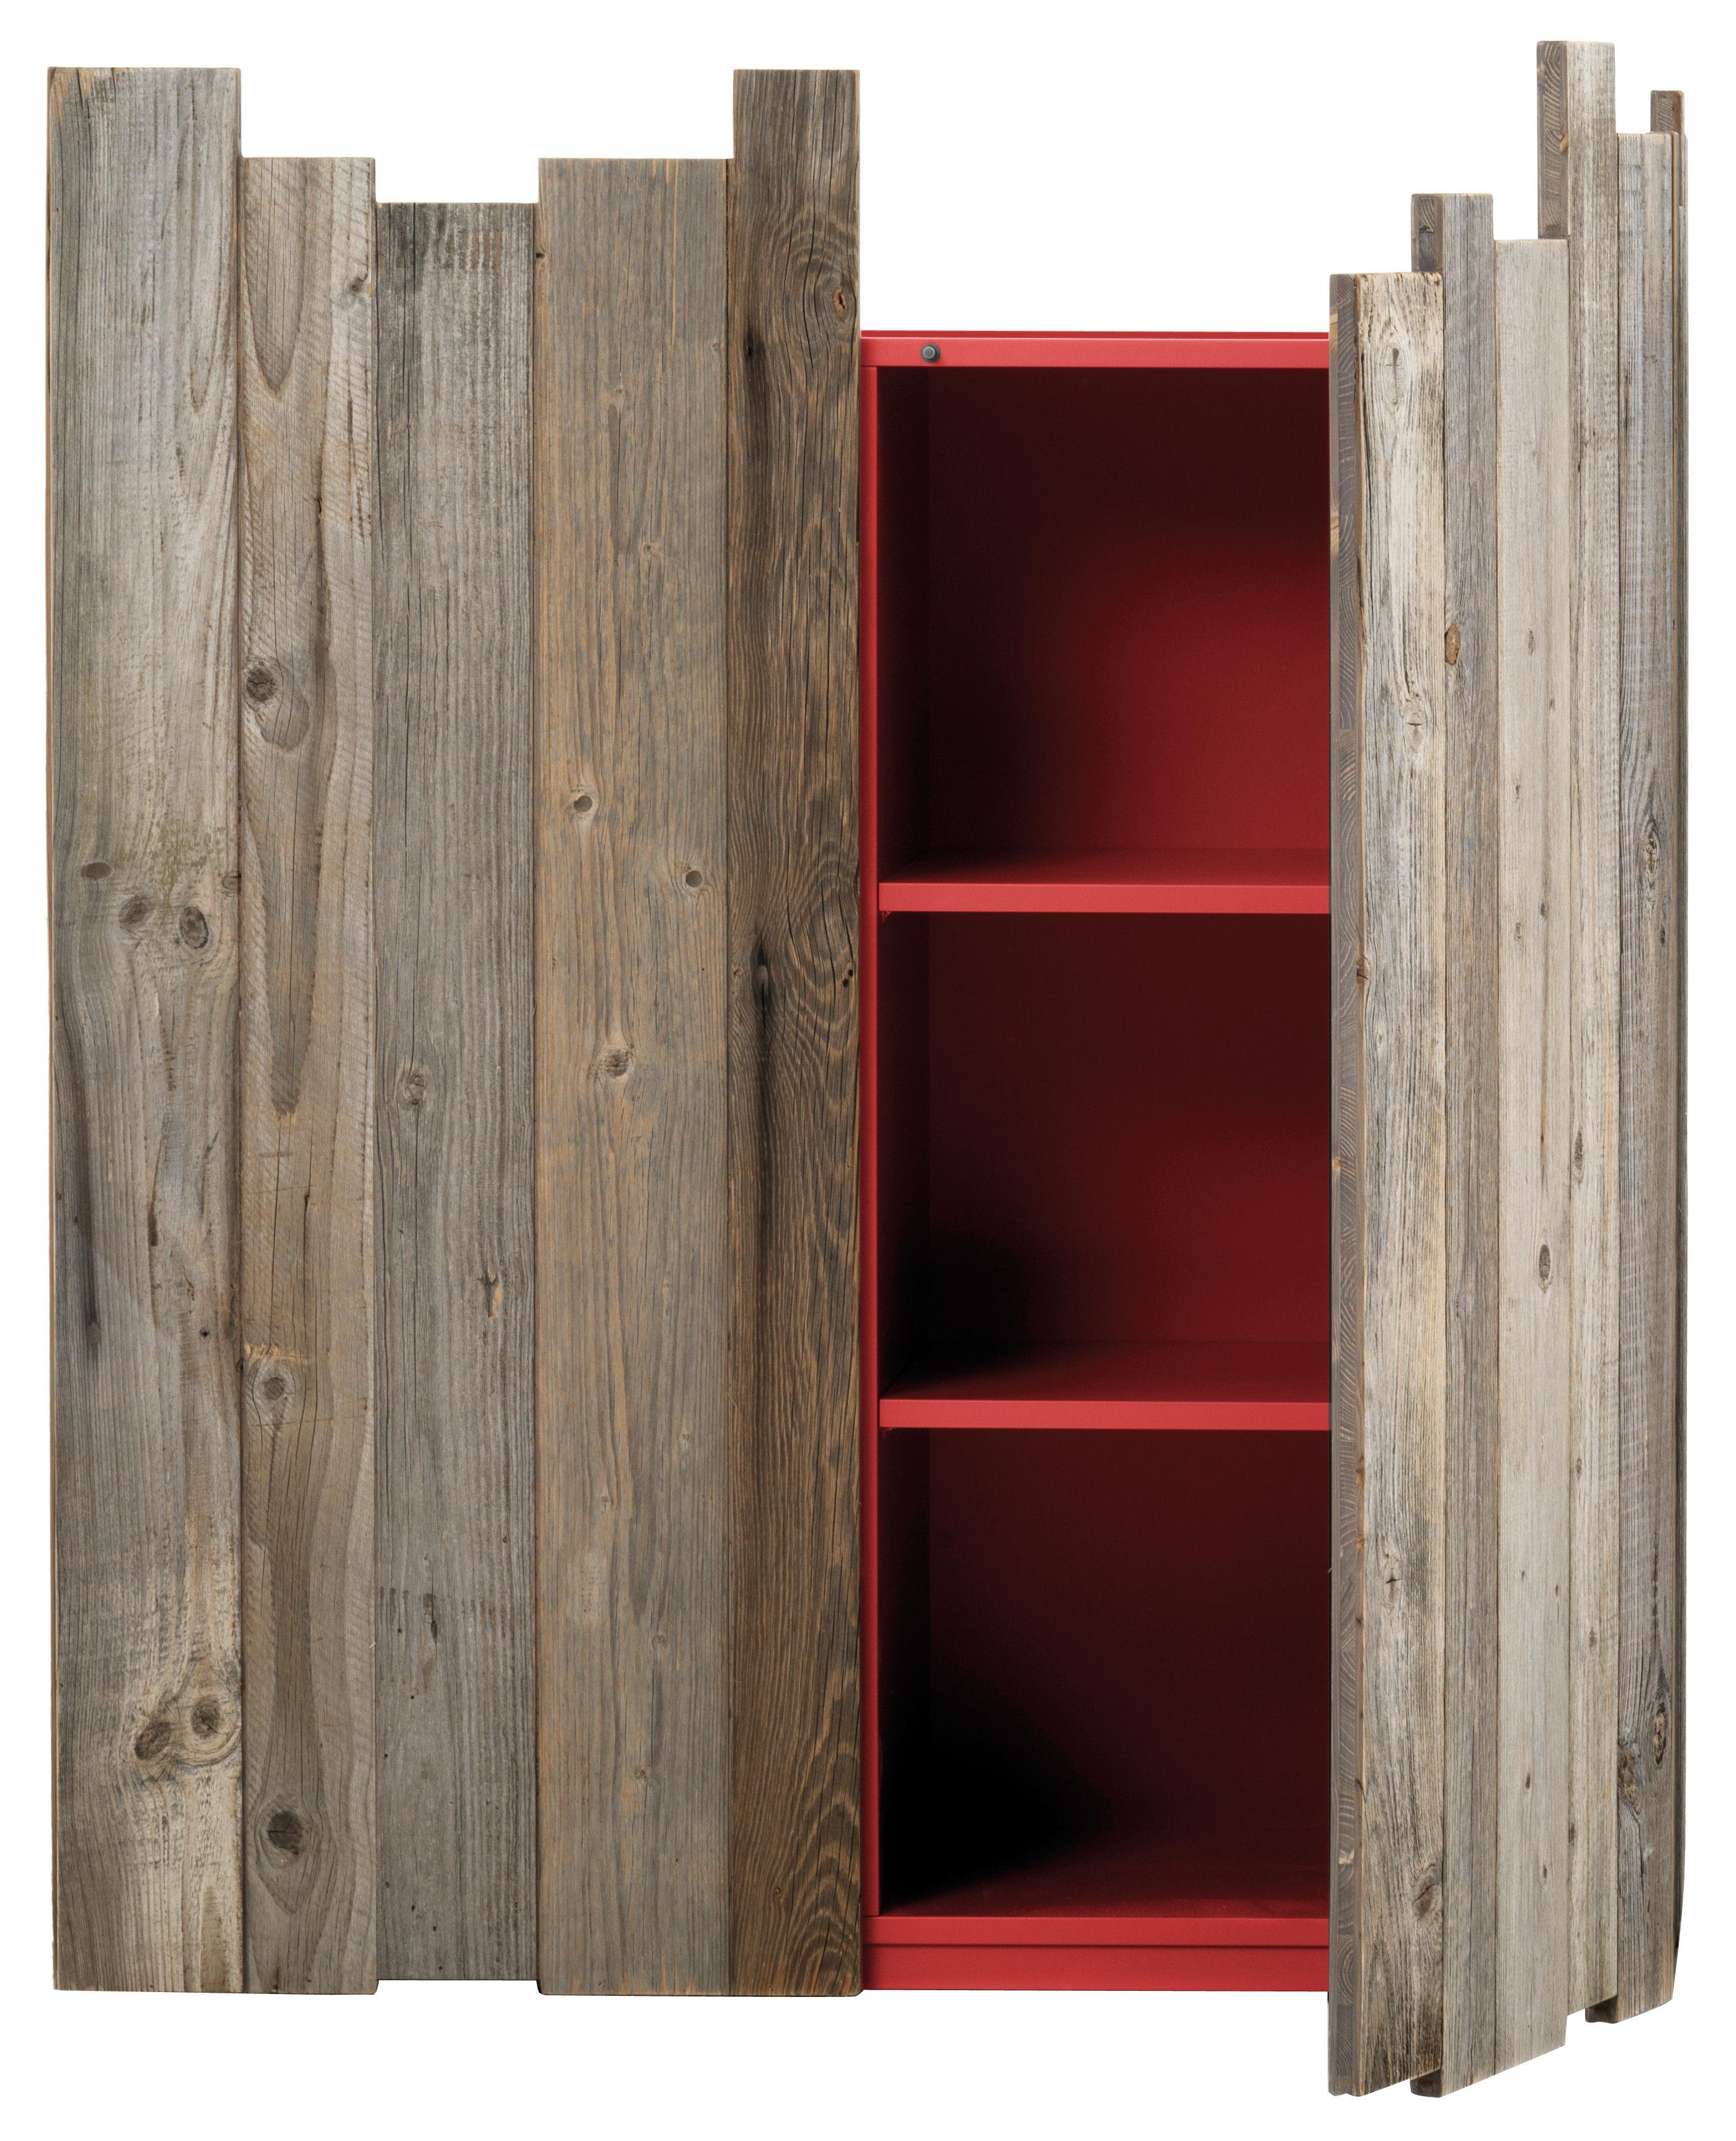 Mobilier - Commodes, buffets & armoires - Rangement Zio Tom / 2 portes - L 110 x H 133 cm - Mogg - Bois / Intérieur rouge - Mélèze